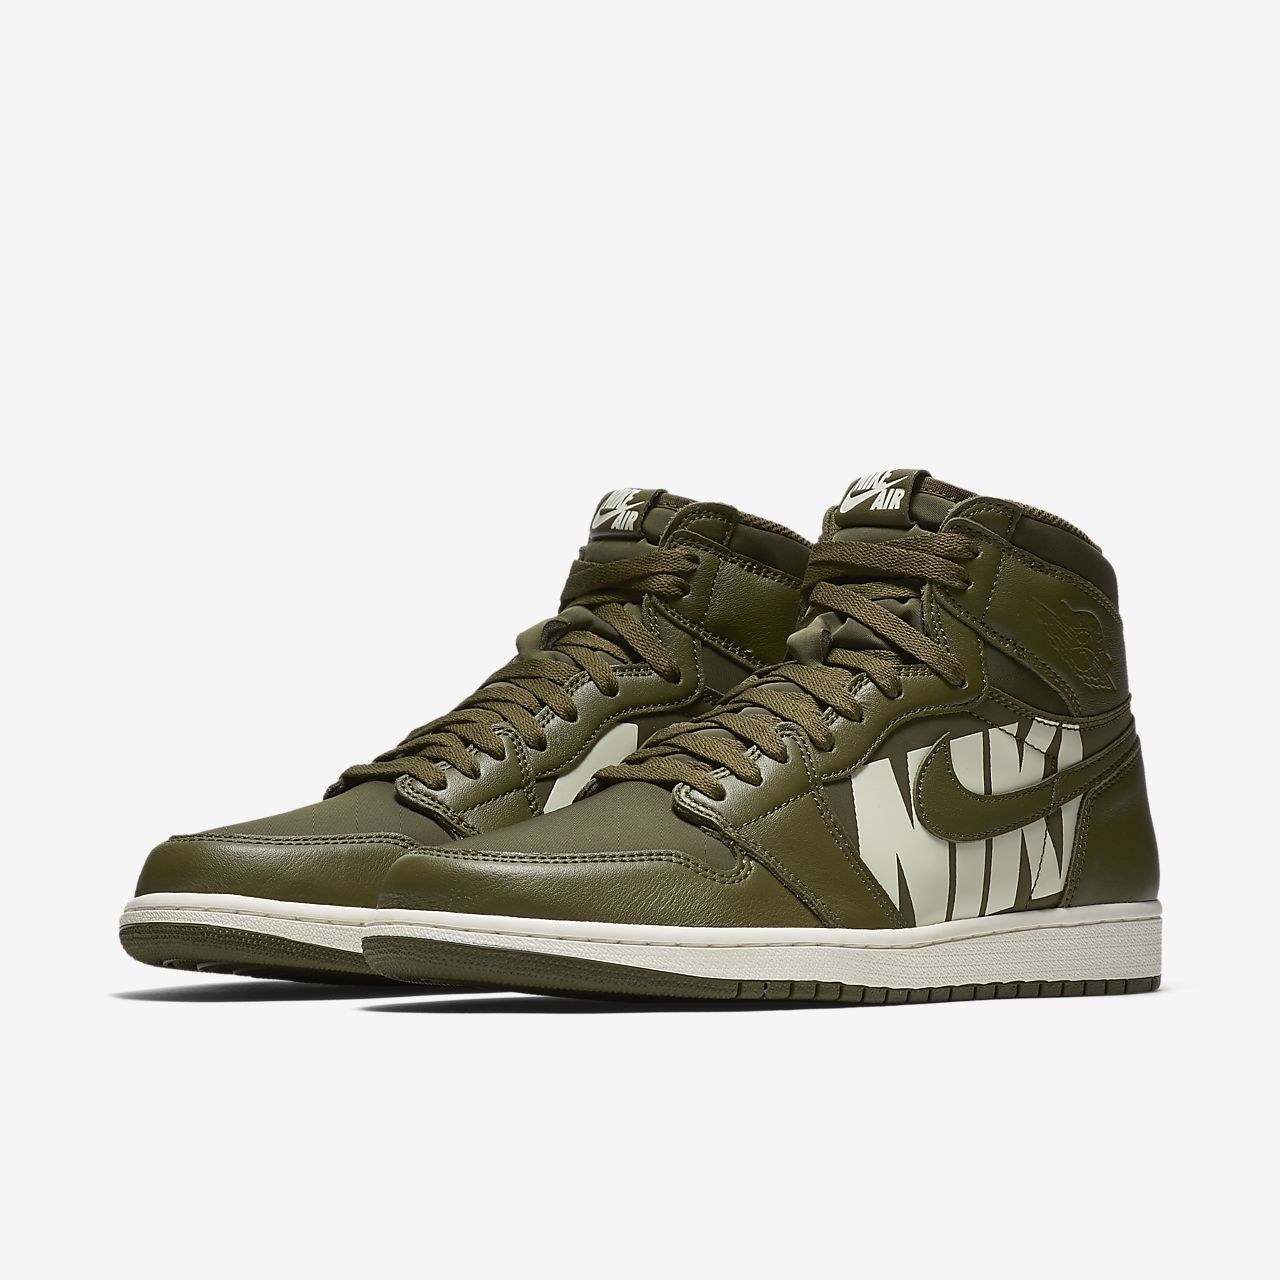 Air Jordan 1 Retro High OG Schuh. Nike  DE Ruf zuerst